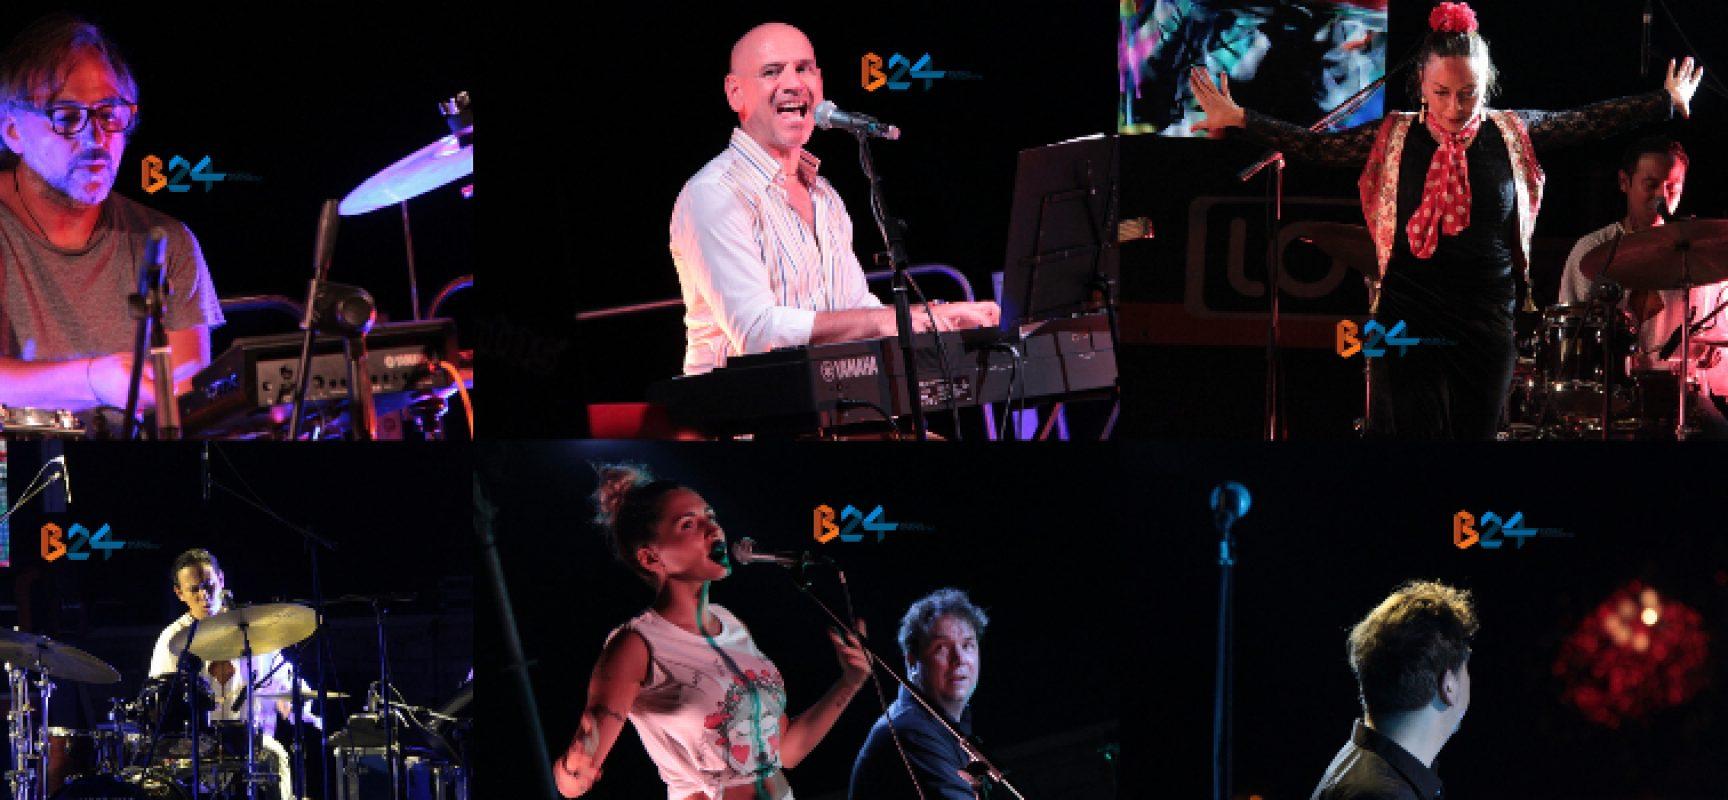 Bisceglie Jazz Festival, il FOTO-racconto della seconda serata con Rosini e Varela